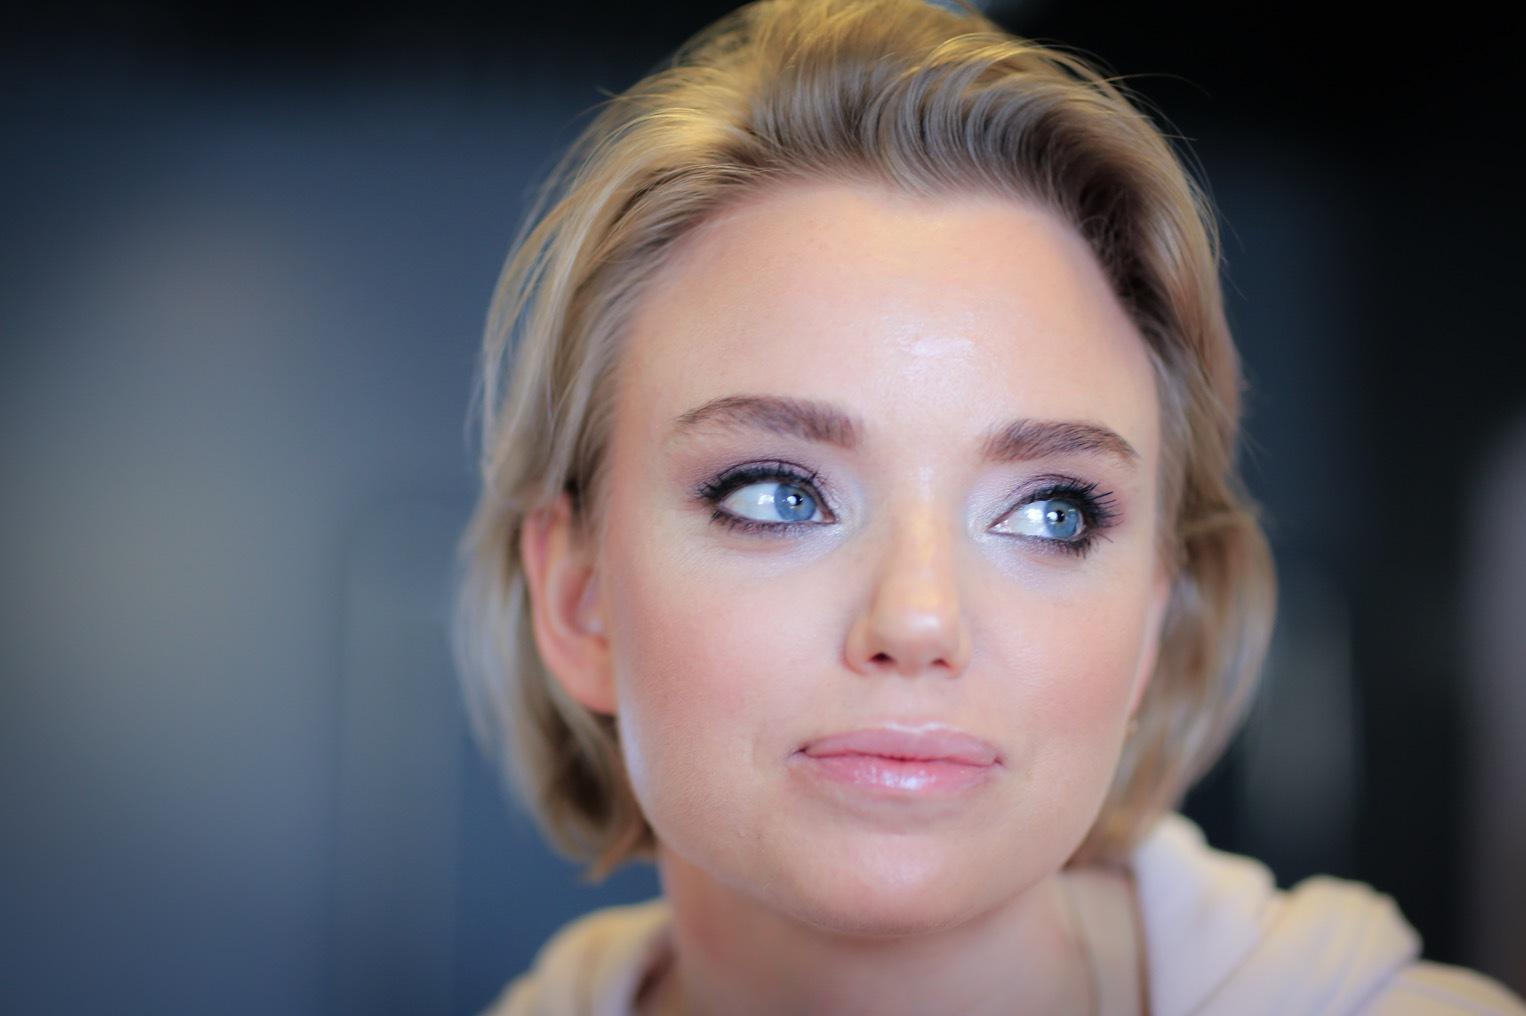 Makeupartisten Sarah Grundén blev fint sminkad av Fanny Lagerwall med Lumenes nya paletter. Sarah ser ut som en filmstjärna tycker jag. Jättefint!